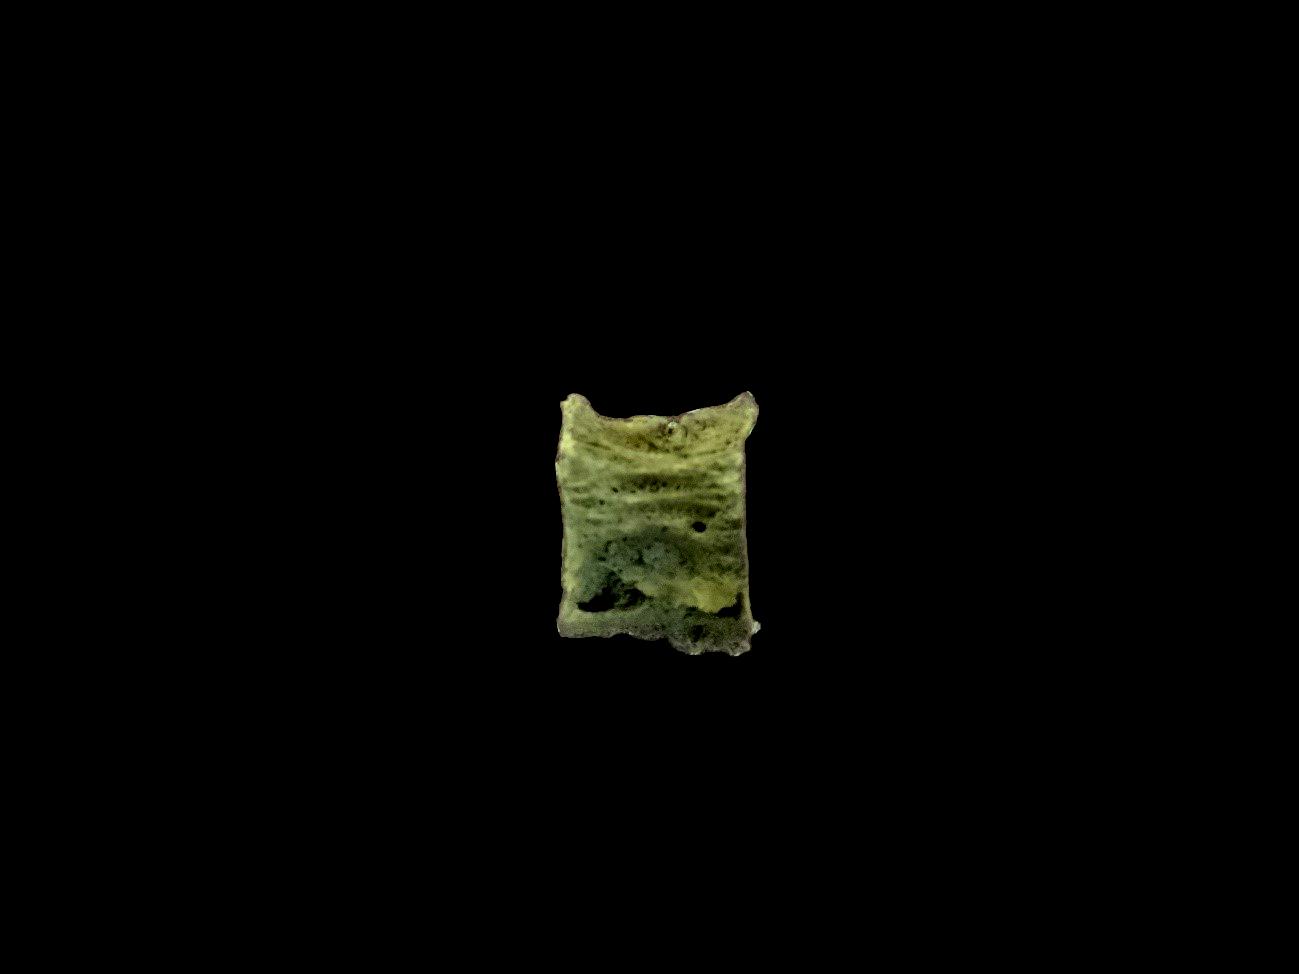 コラムリレー(第137回) 4千年前の食べ物を探しにスーパーへ_f0228071_17575243.jpg